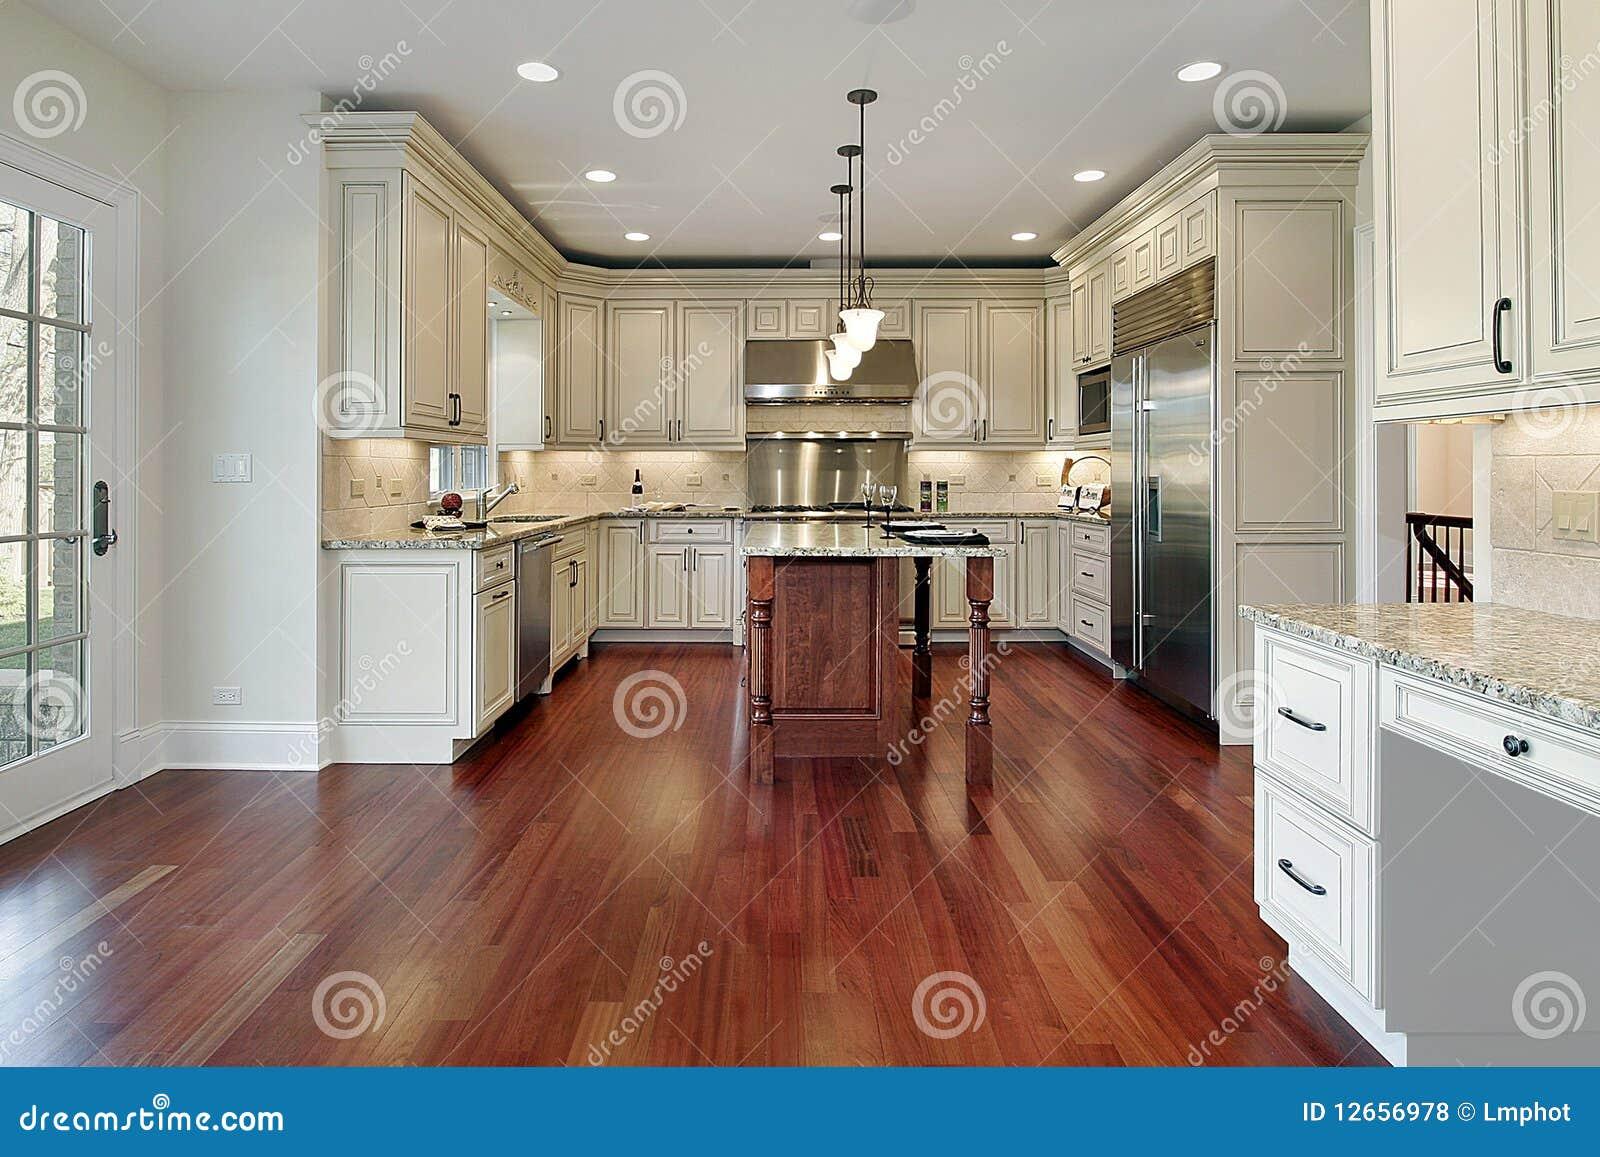 Keuken met kersen houten vloer royalty vrije stock foto 39 s afbeelding 12656978 - Meubilair outdoor houten keuken ...